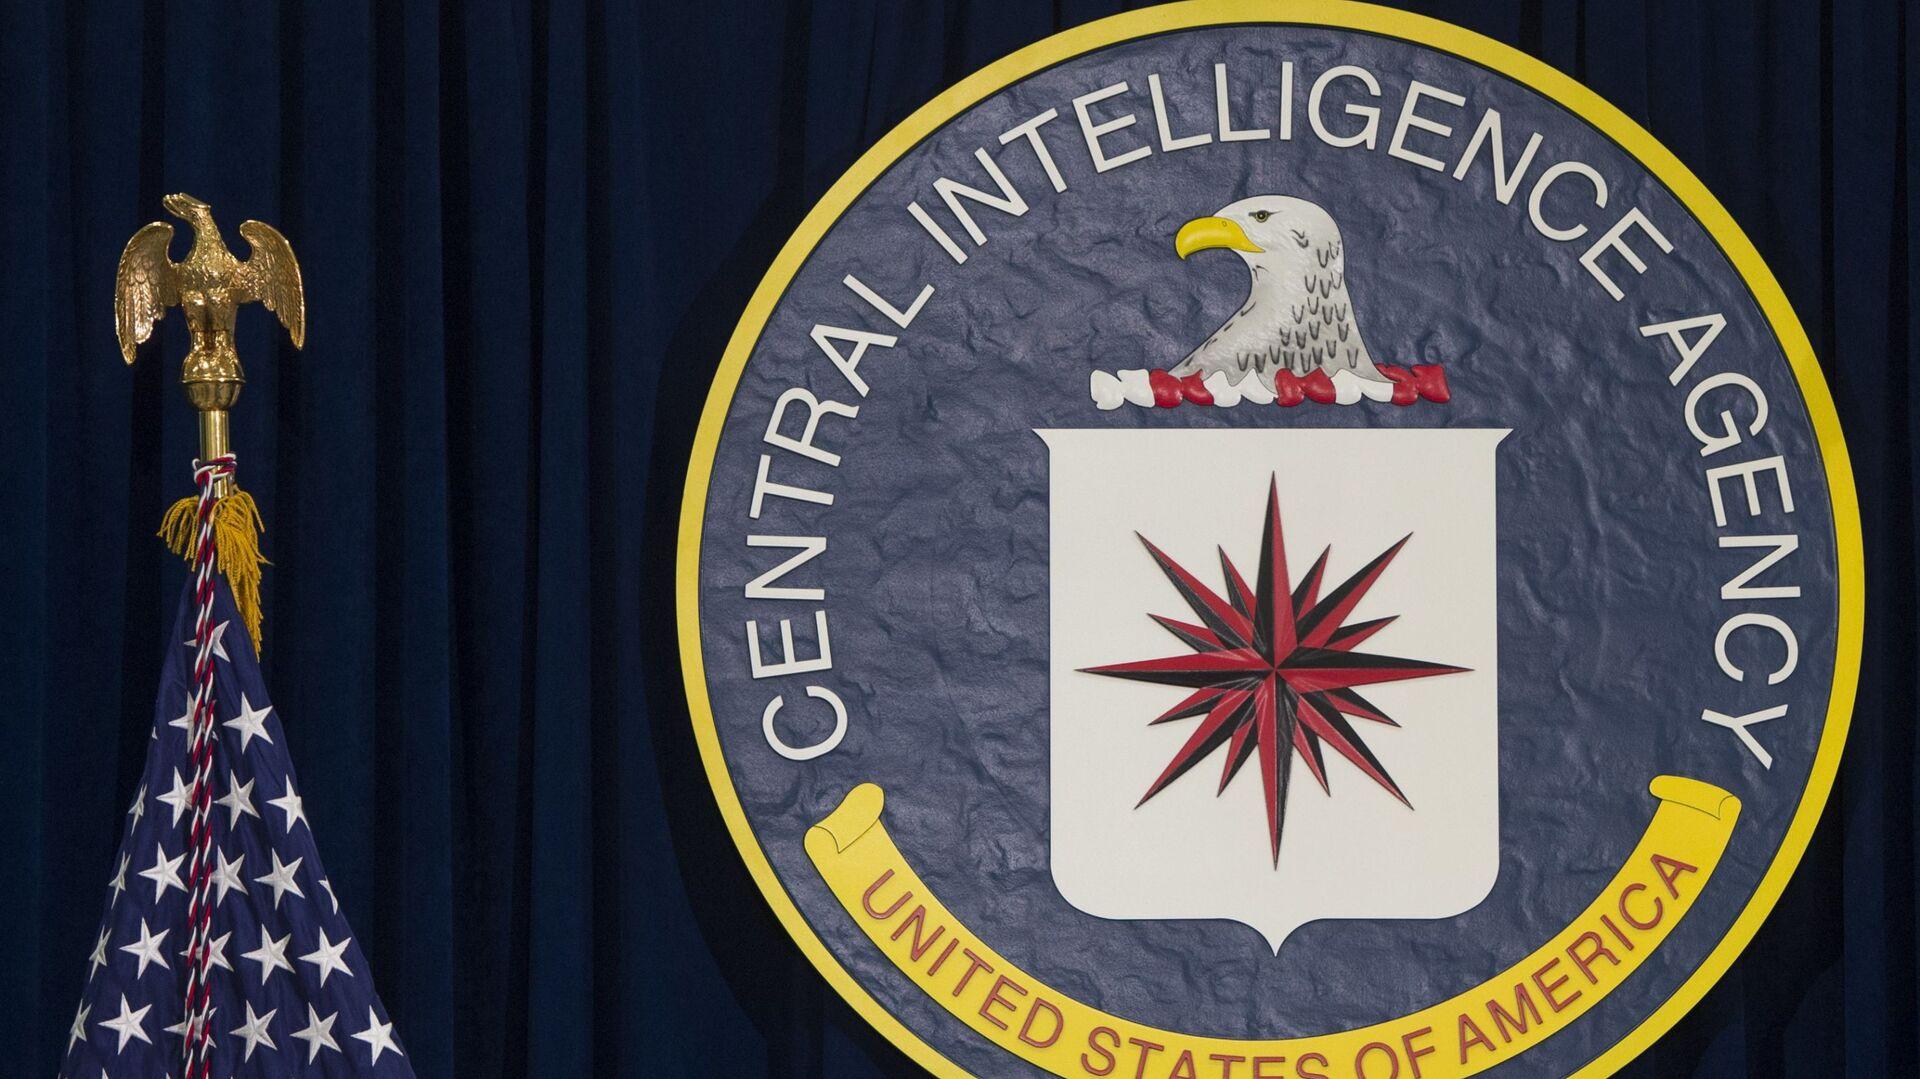 Архивное фото эмблемы центрального разведывательного управления США, ЦРУ - Sputnik Ўзбекистон, 1920, 06.10.2021